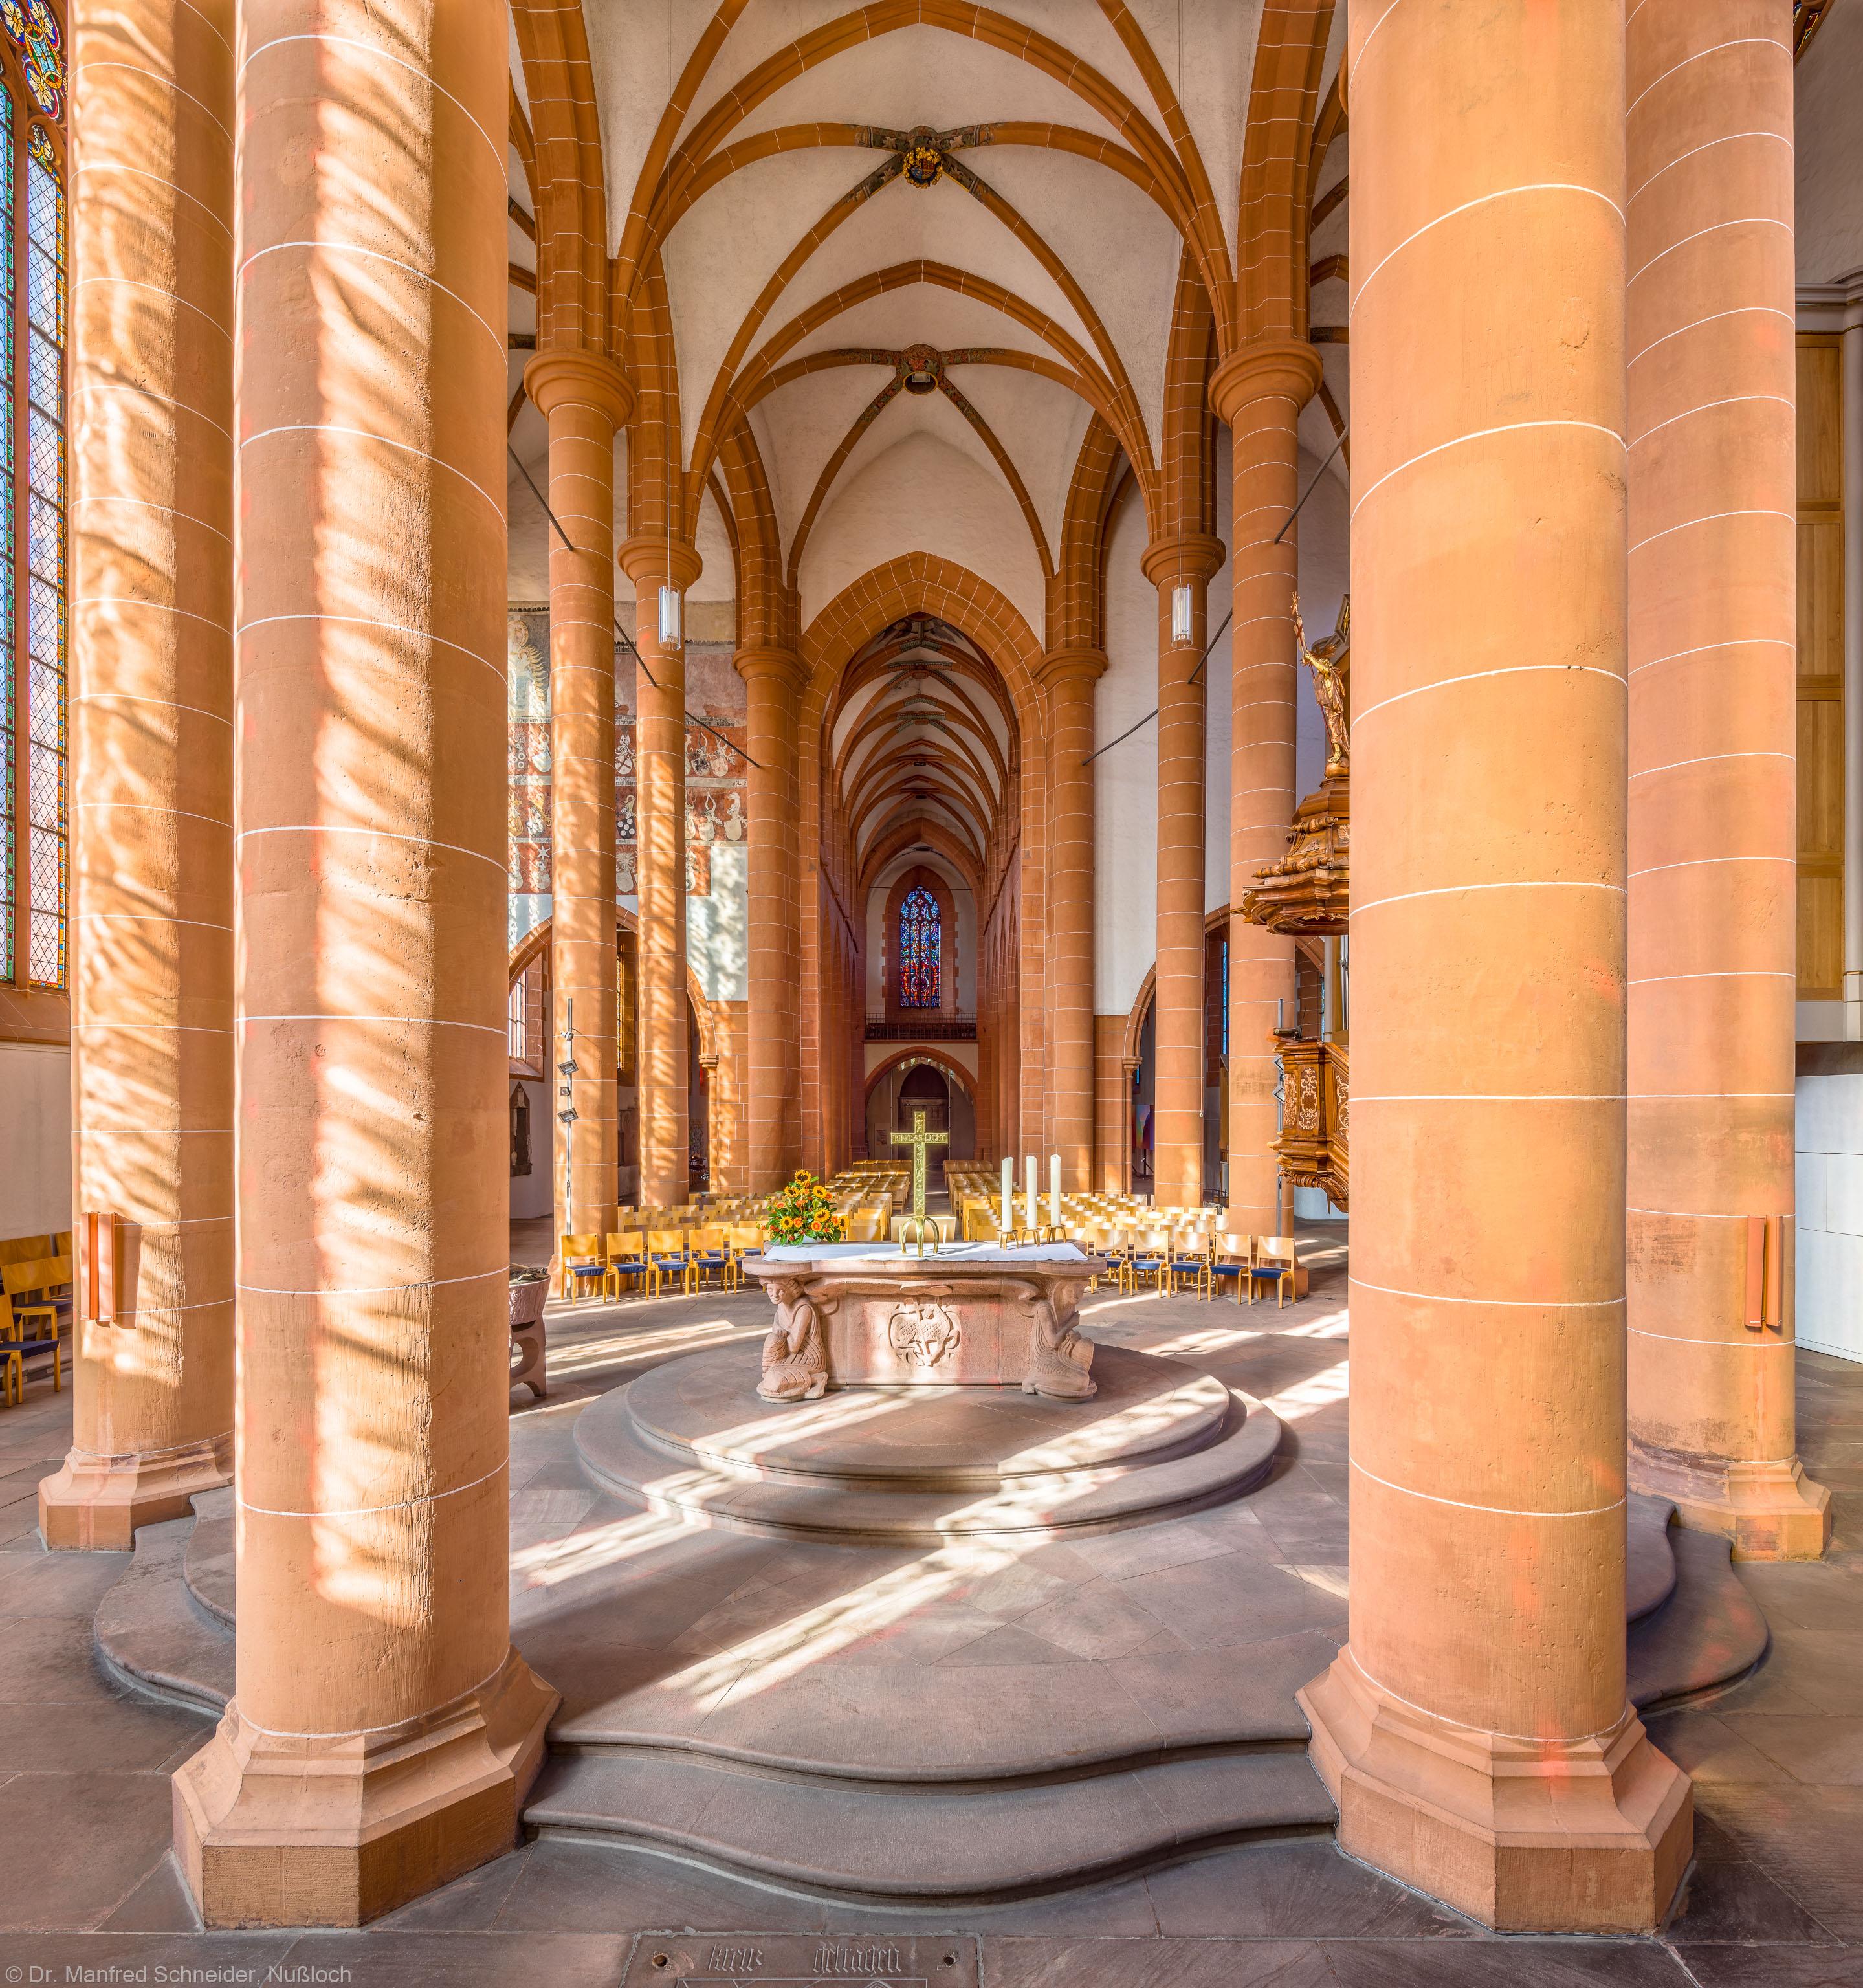 Heidelberg - Heiliggeistkirche - Chor - Blick vom Chorhaupt in den Chor nach Westen mit Säulen, Gewölbe und Altar (aufgenommen im September 2015, am späten Vormittag)